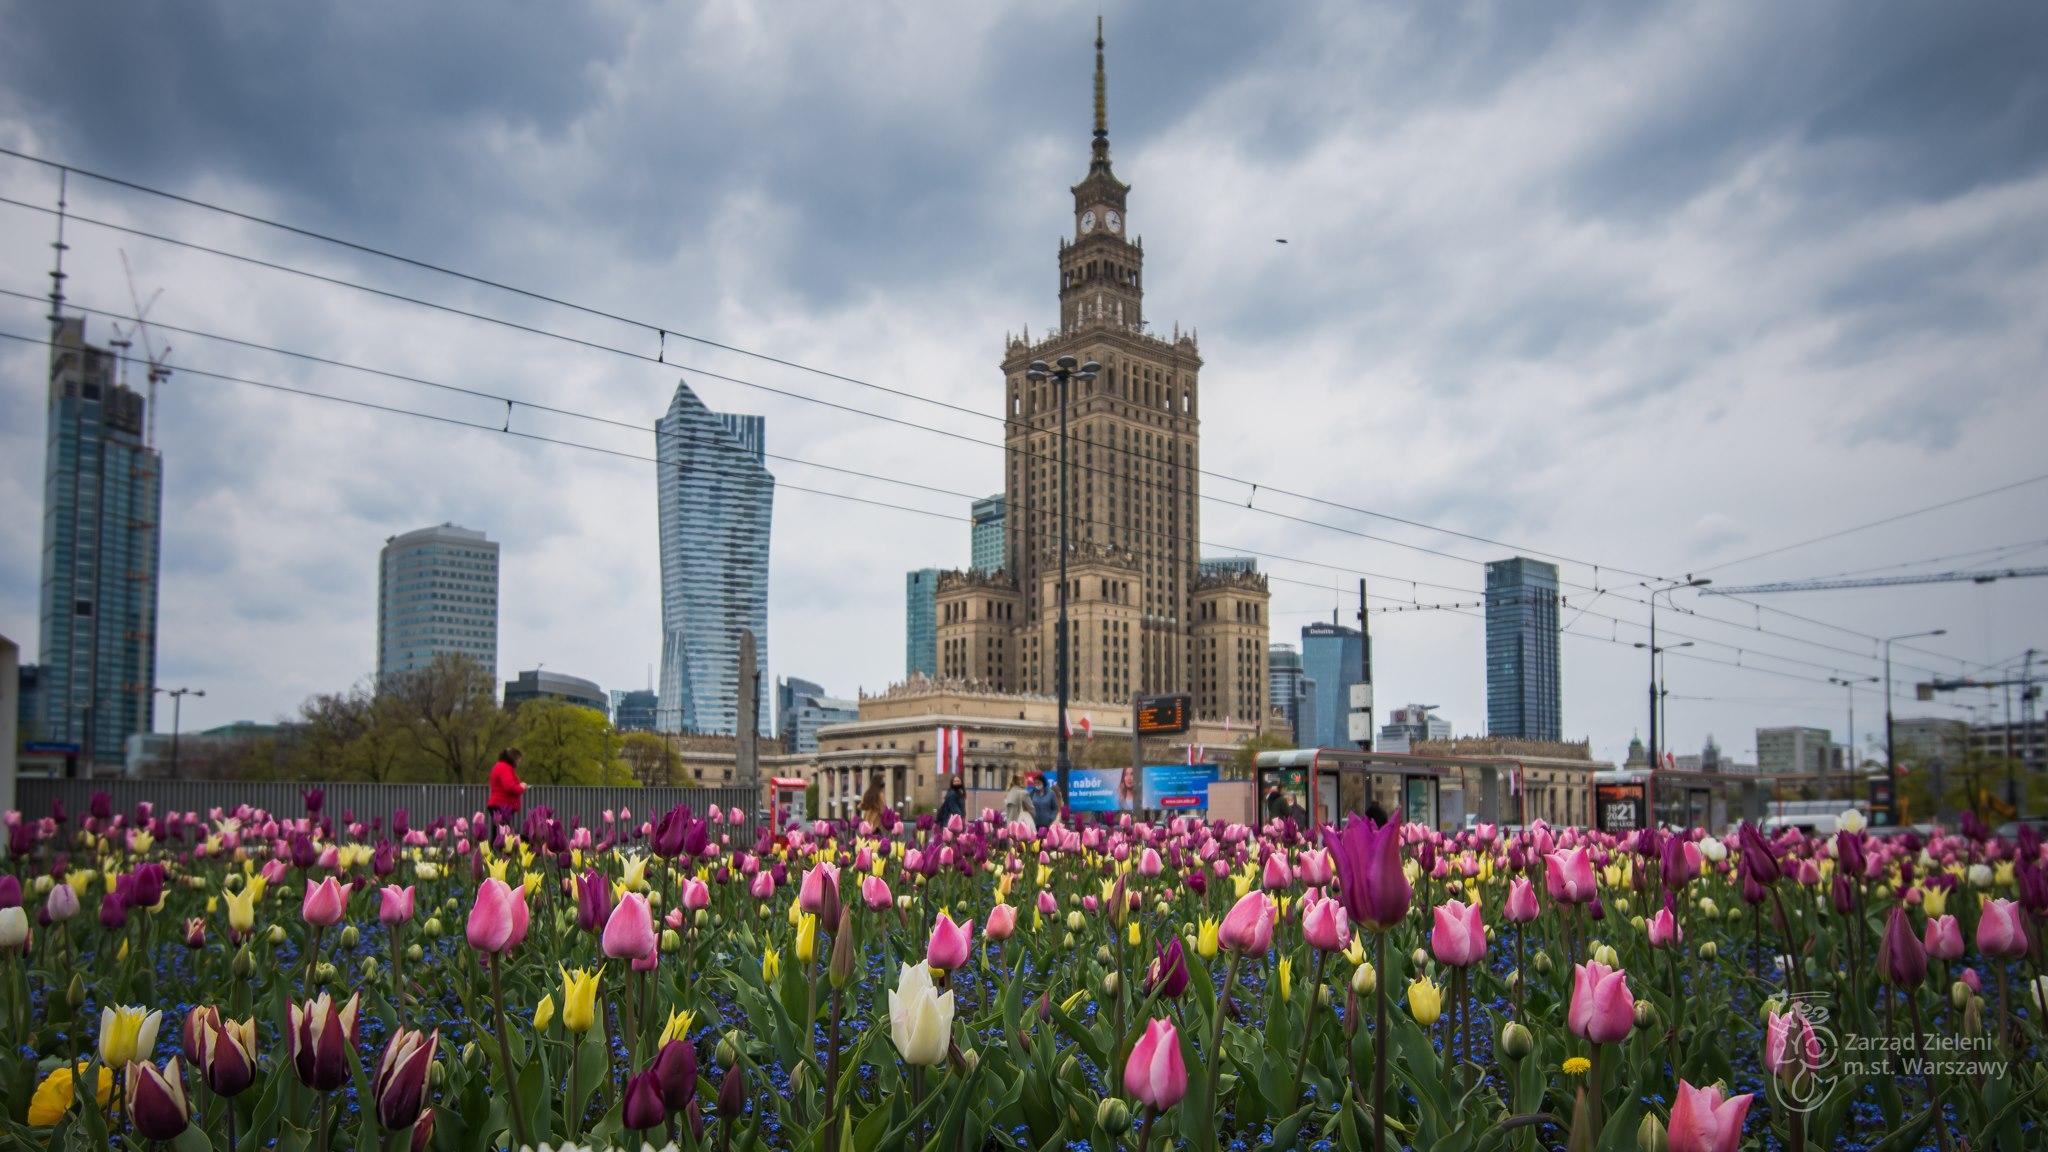 Wielobarwne tulipany na rondzie Dmowskiego - w tle przystanek autobusowy, Pałac Kultury i Nauki oraz kilka wieżowców